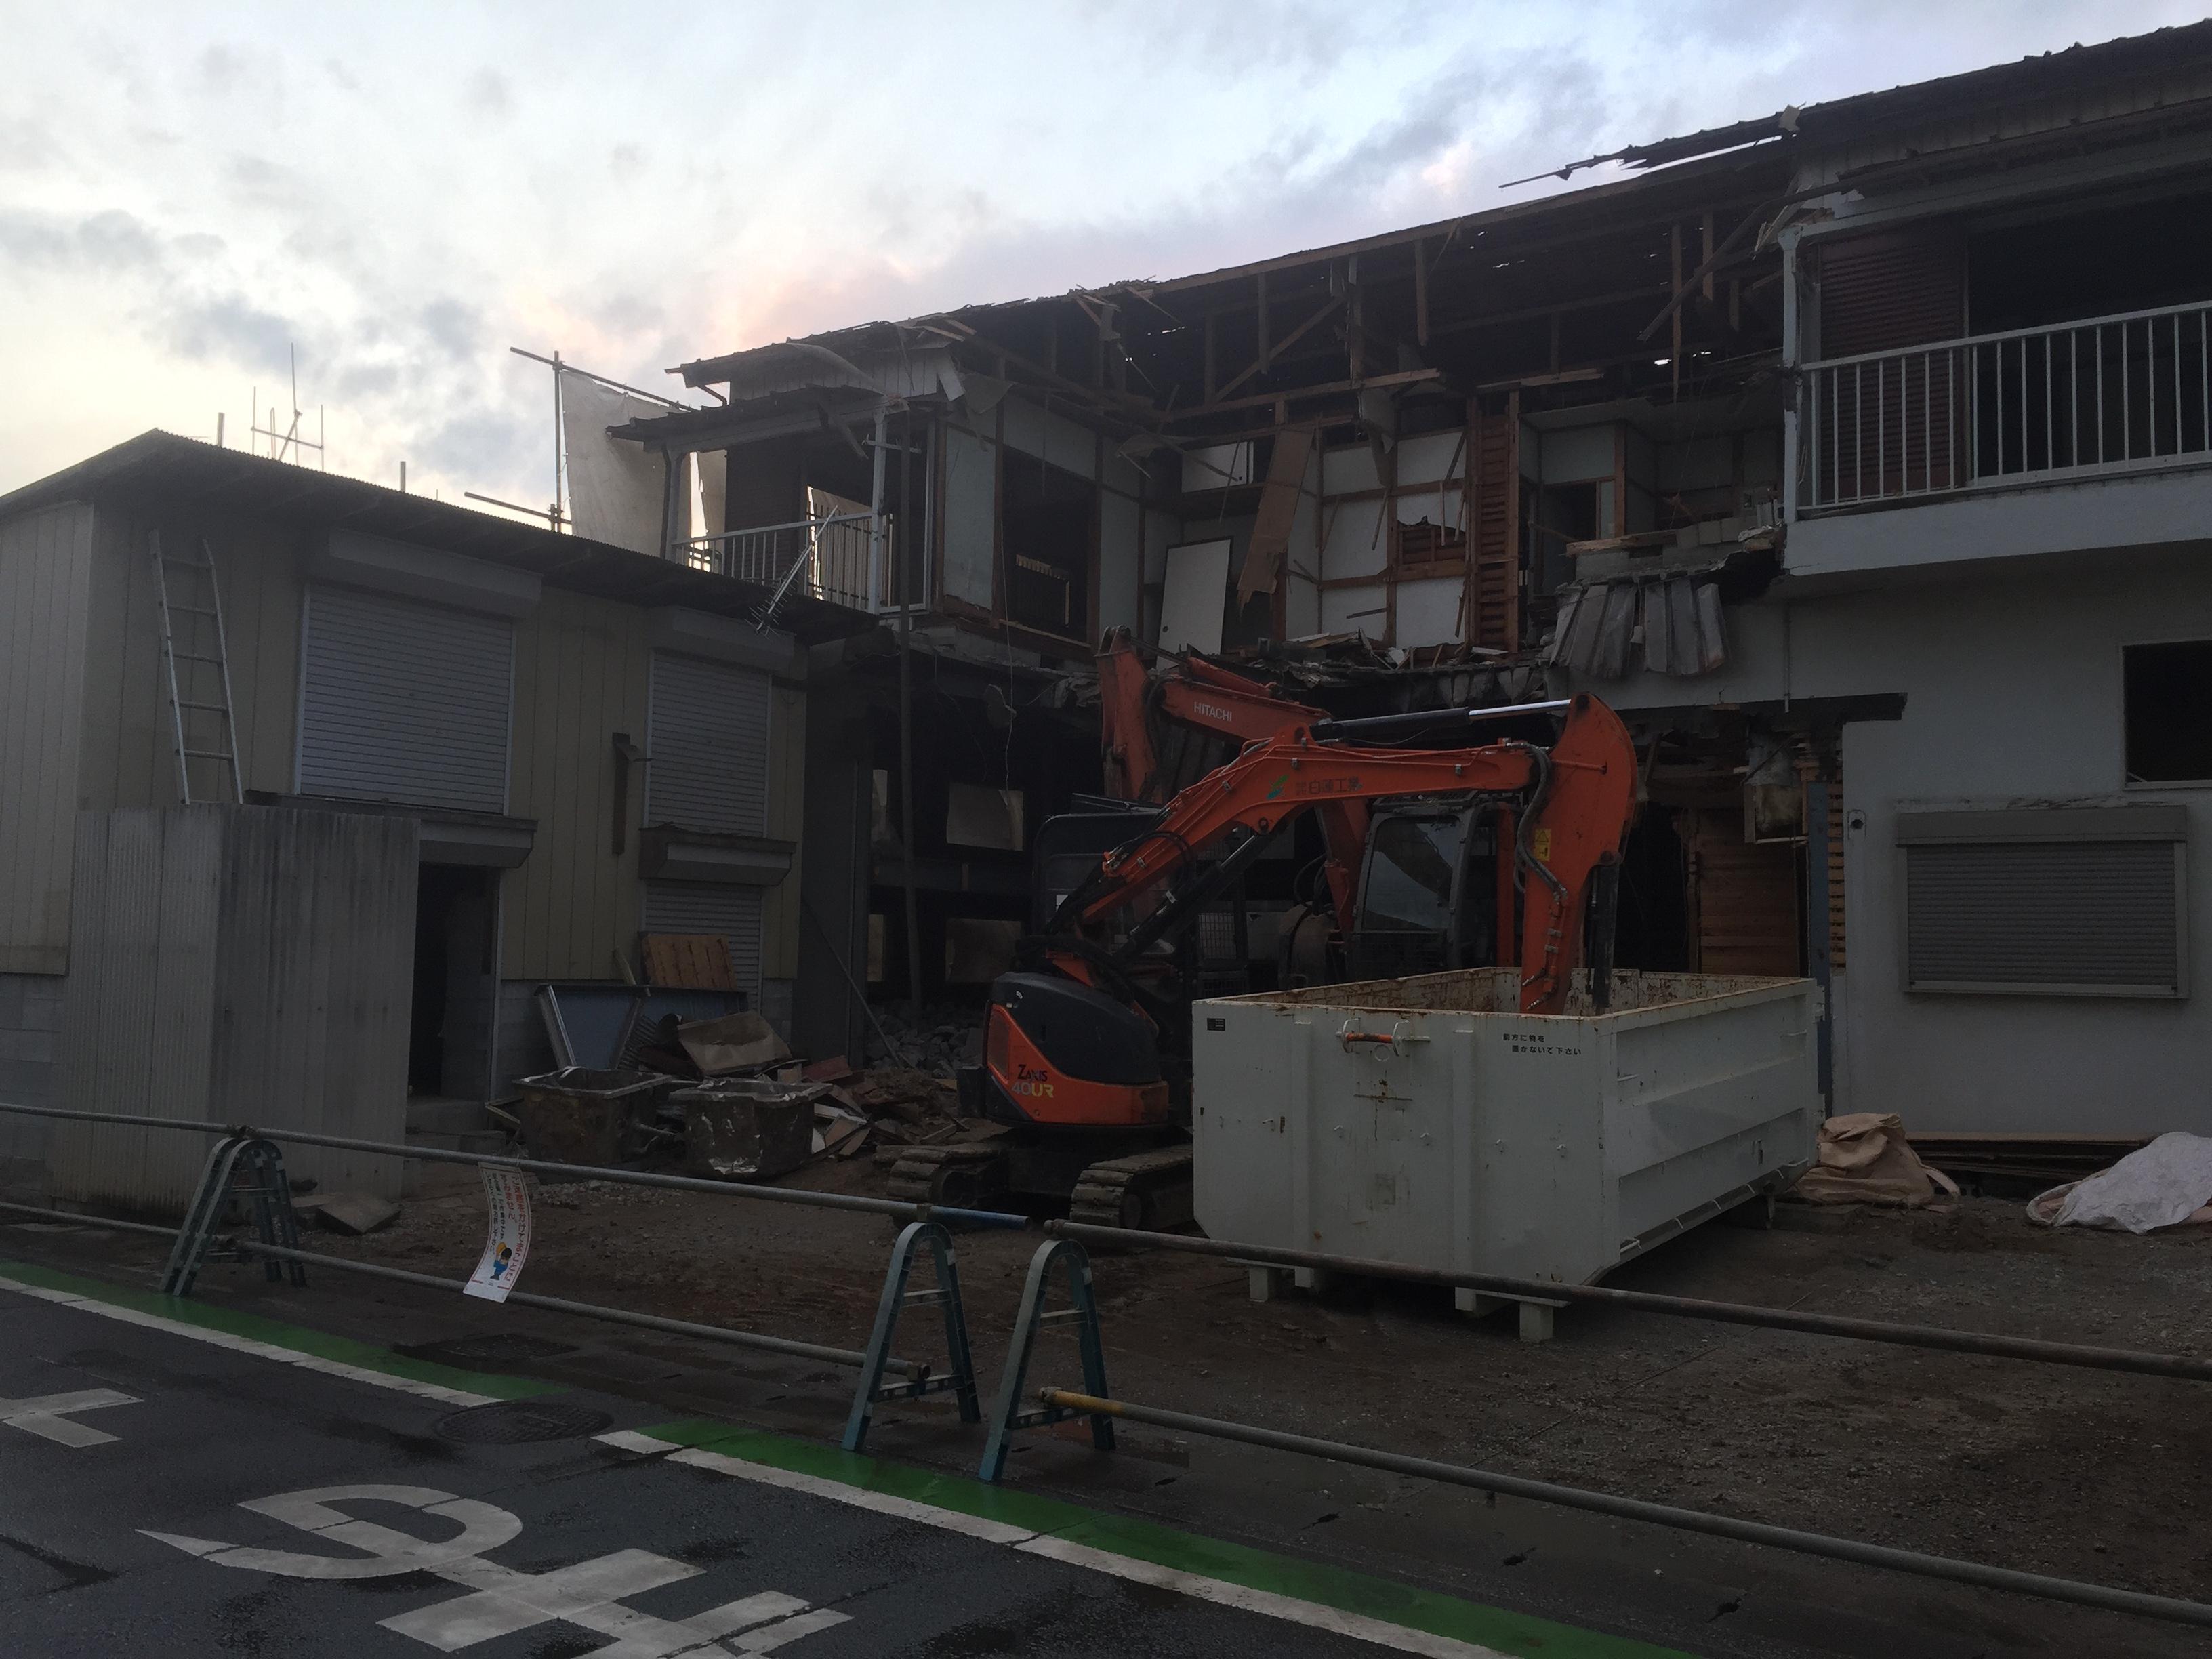 見沼区東大宮 建設会社の事務所作業場兼集合住宅の解体に着手しました